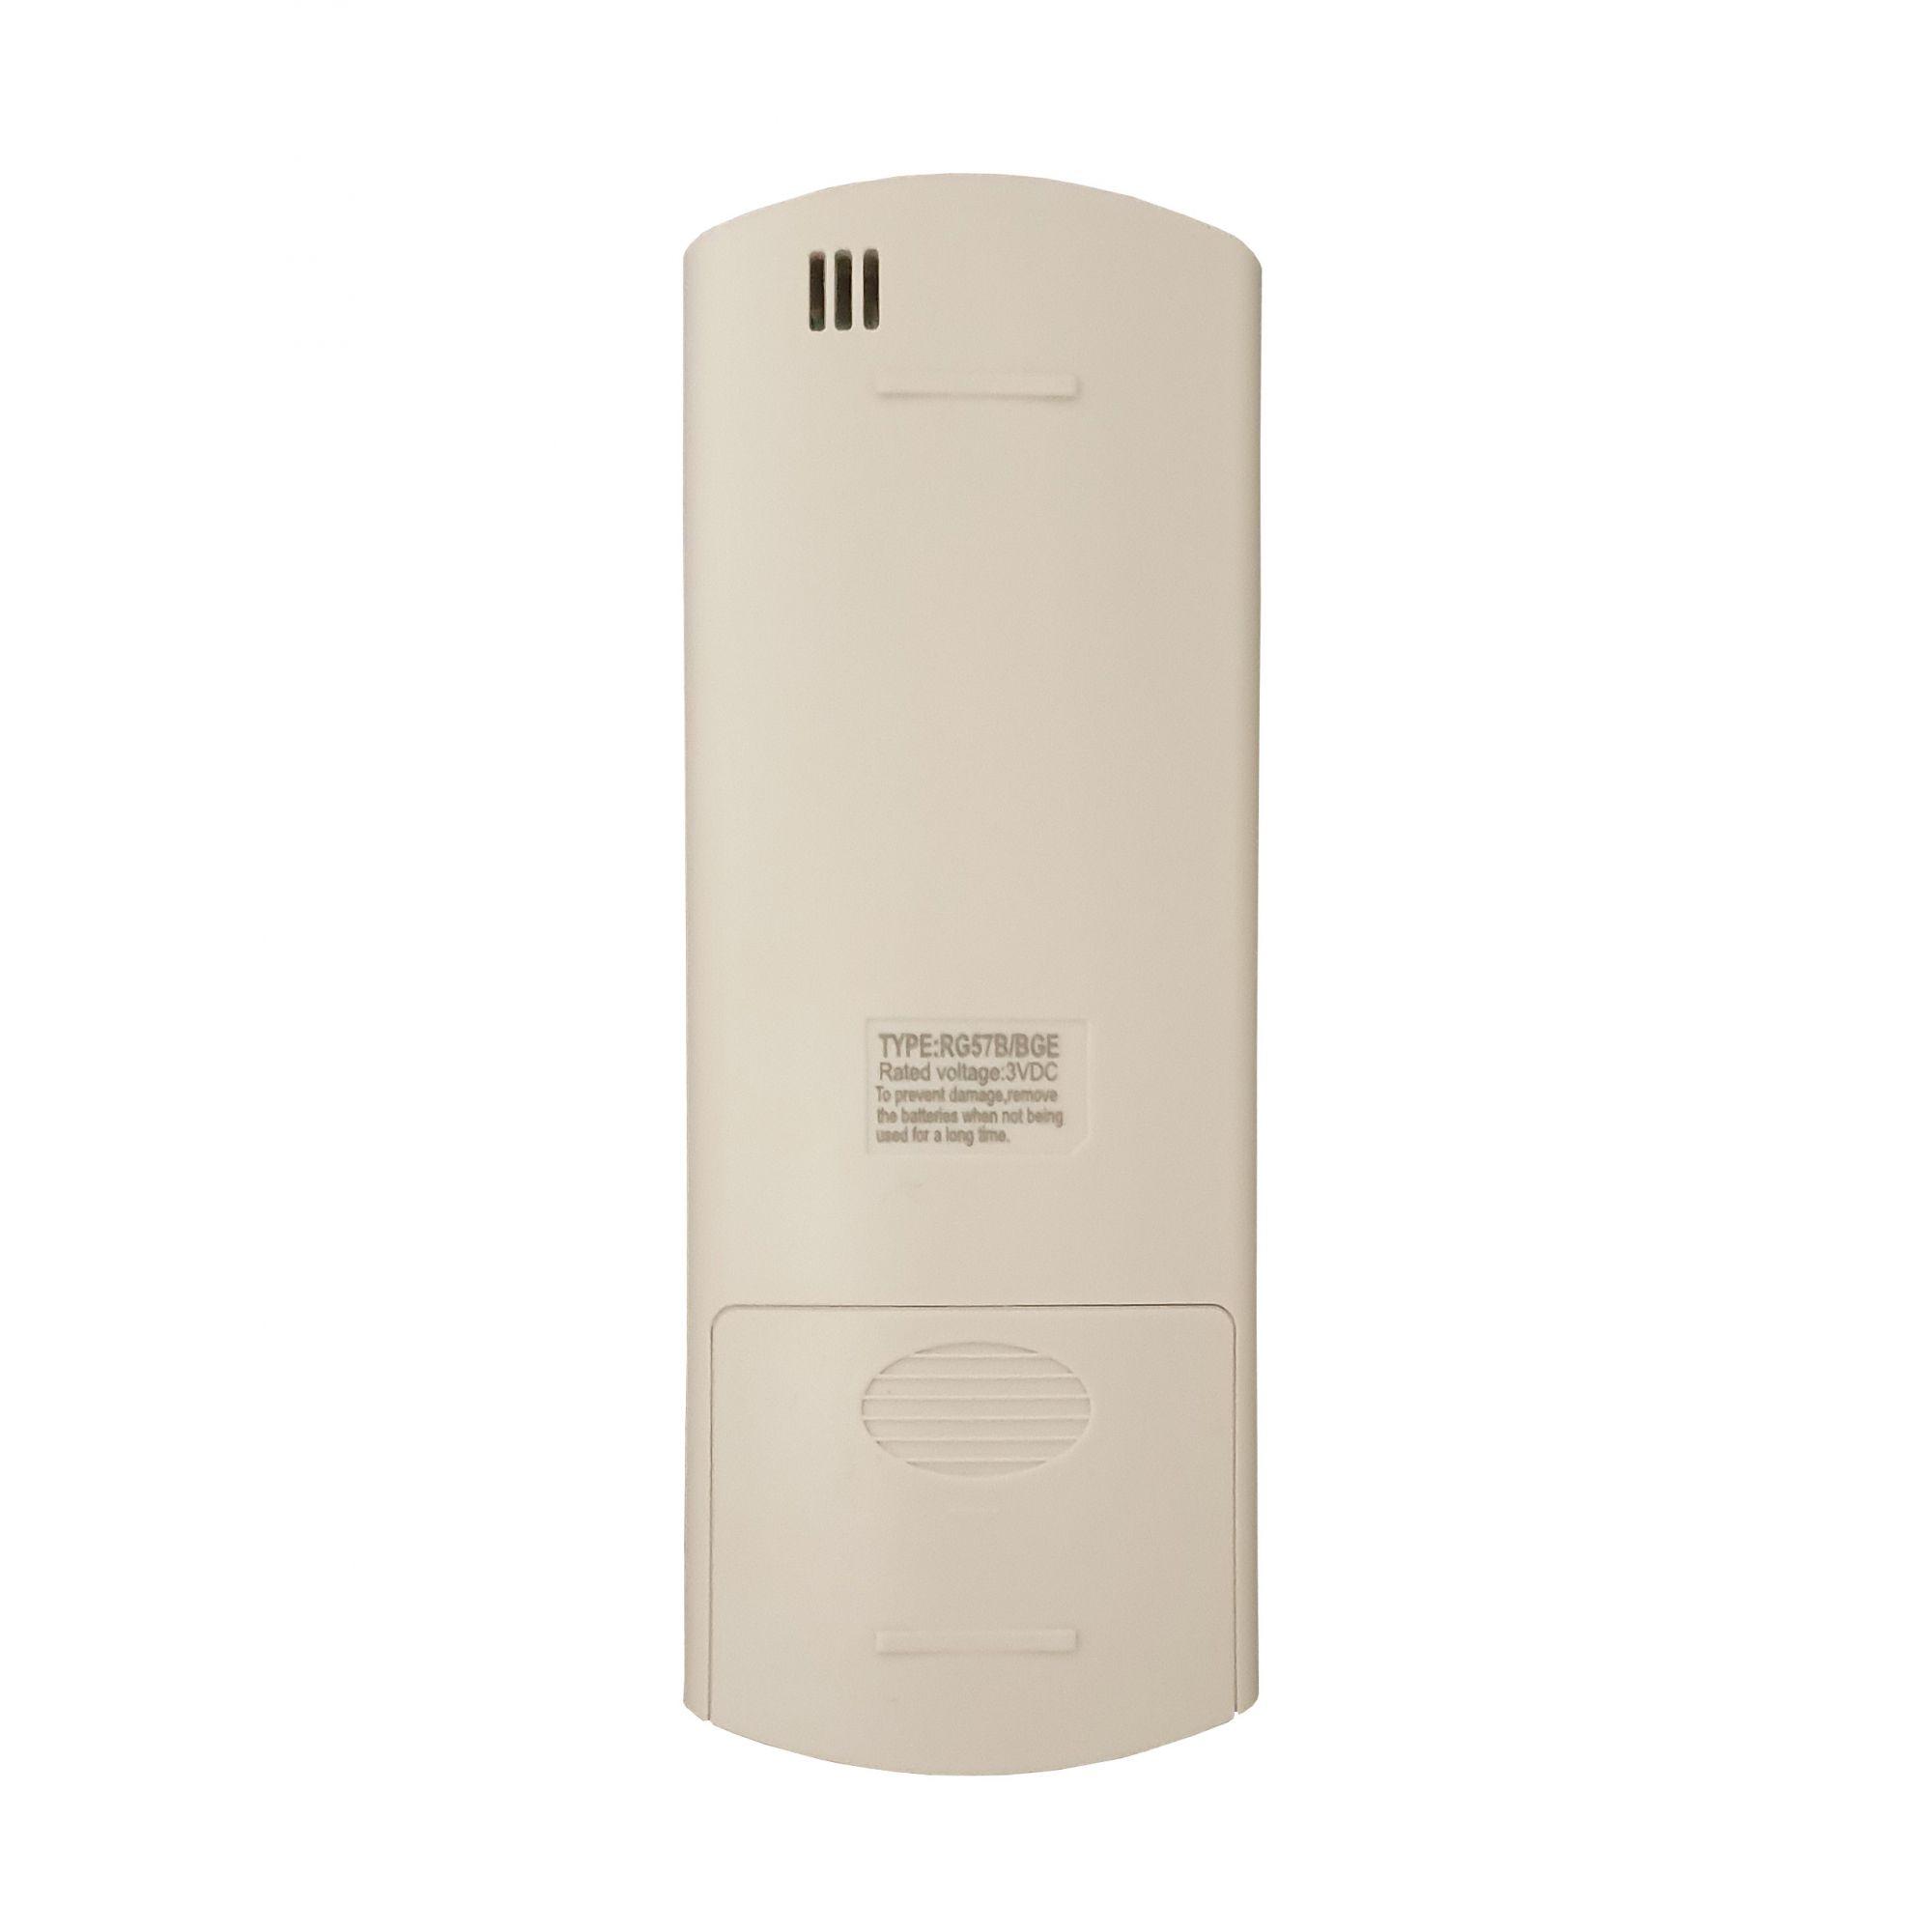 Controle Remoto Evaporadora Ar Condicionado Estilo Midea 2033550B0216